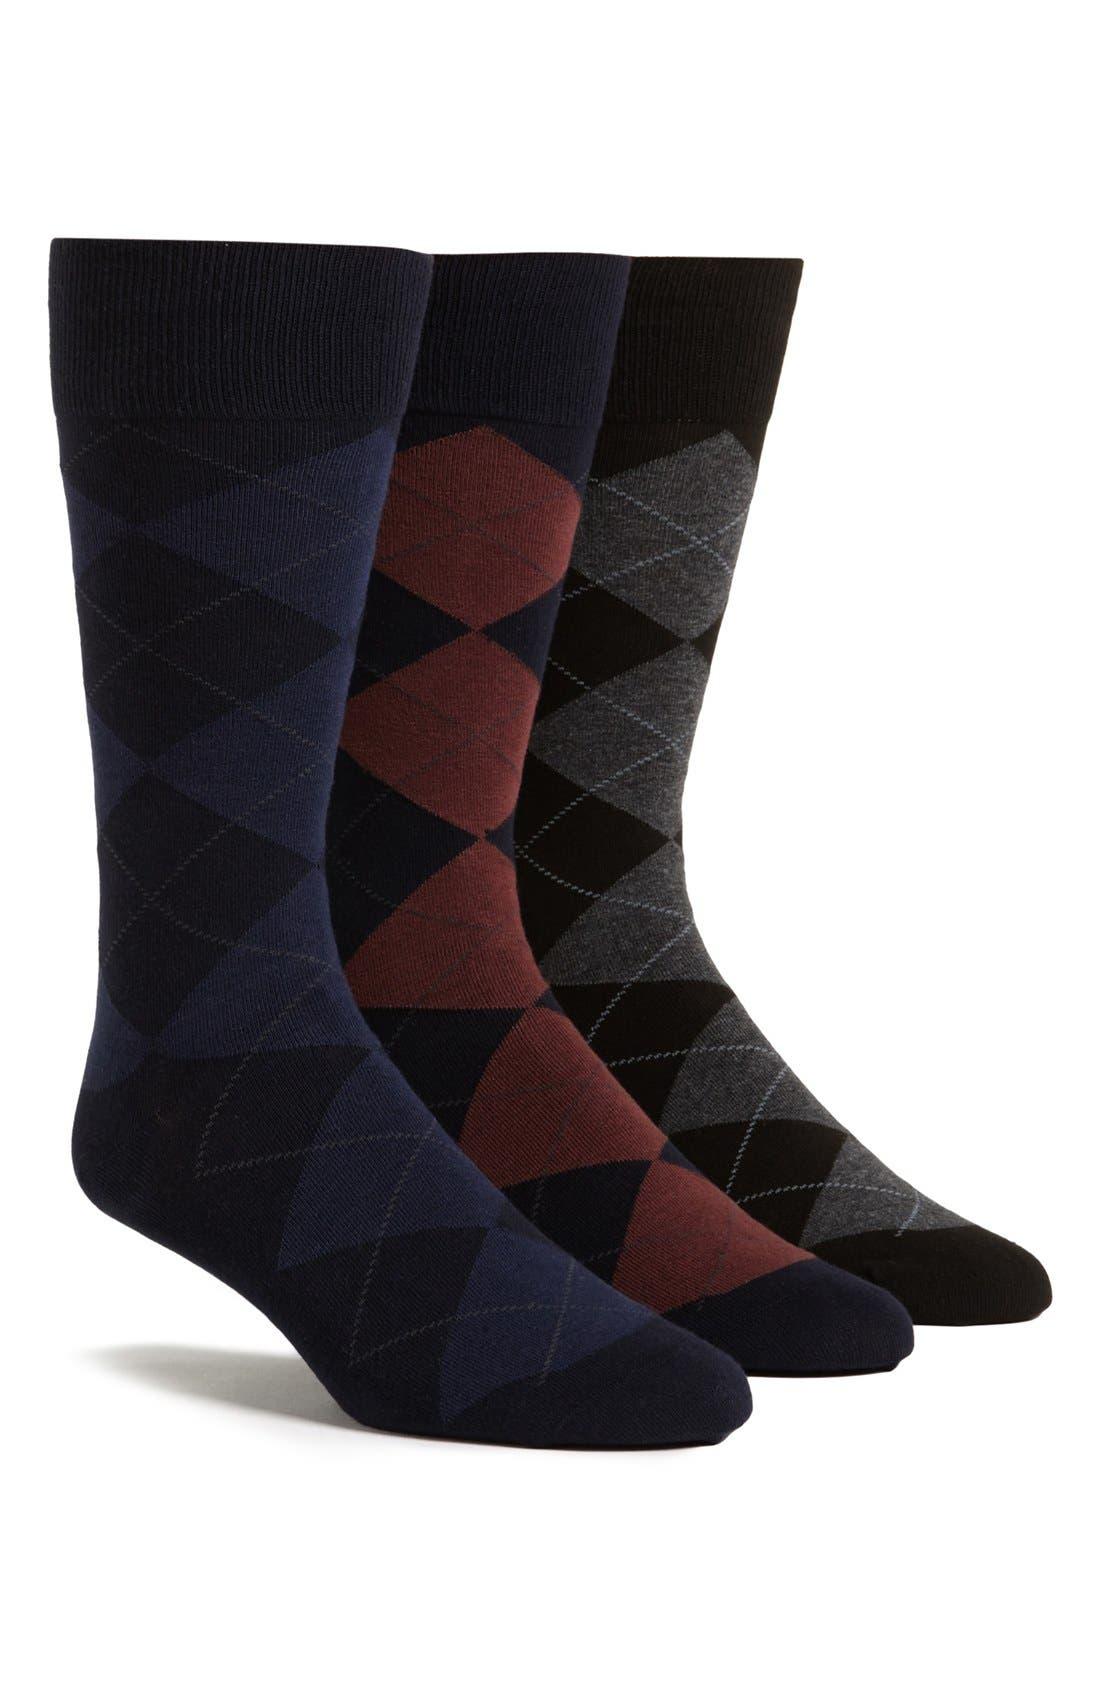 Alternate Image 1 Selected - Polo Ralph Lauren 3-Pack Argyle Socks